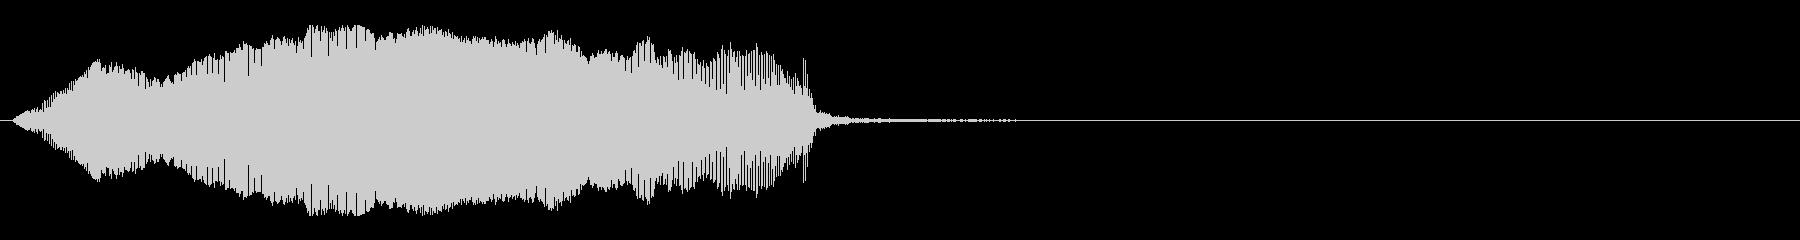 猫の赤ちゃんの鳴き声 (単発) B-6の未再生の波形